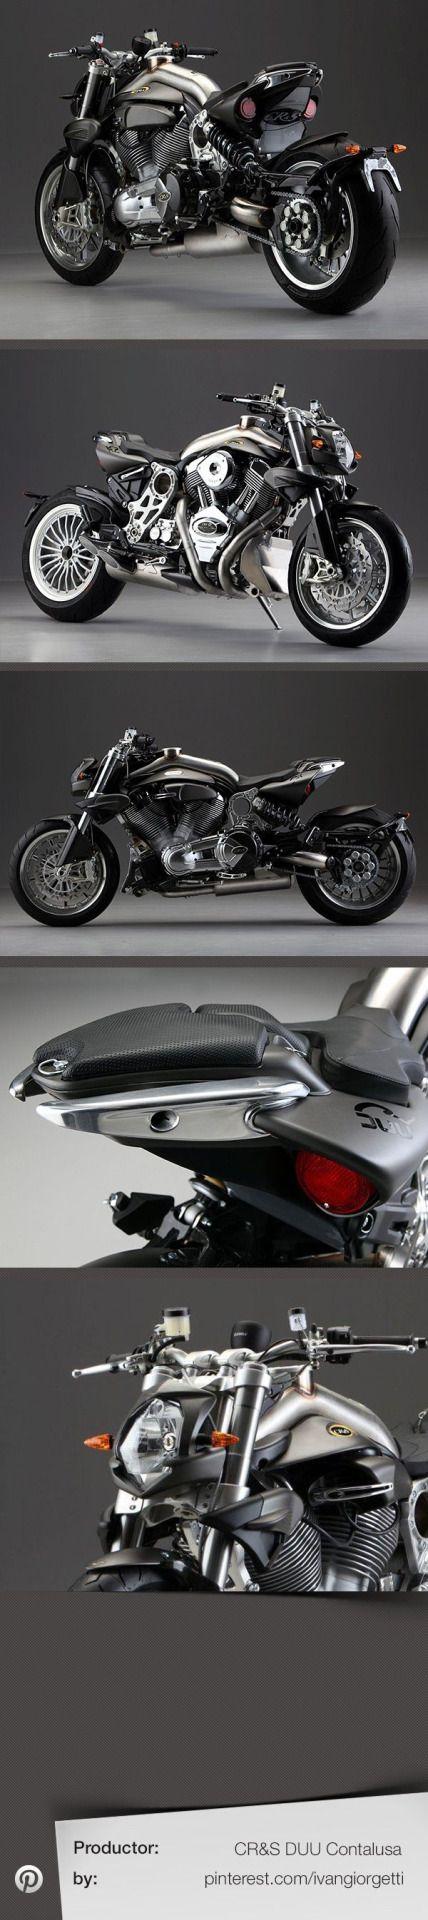 Motocicleta feita sob encomenda